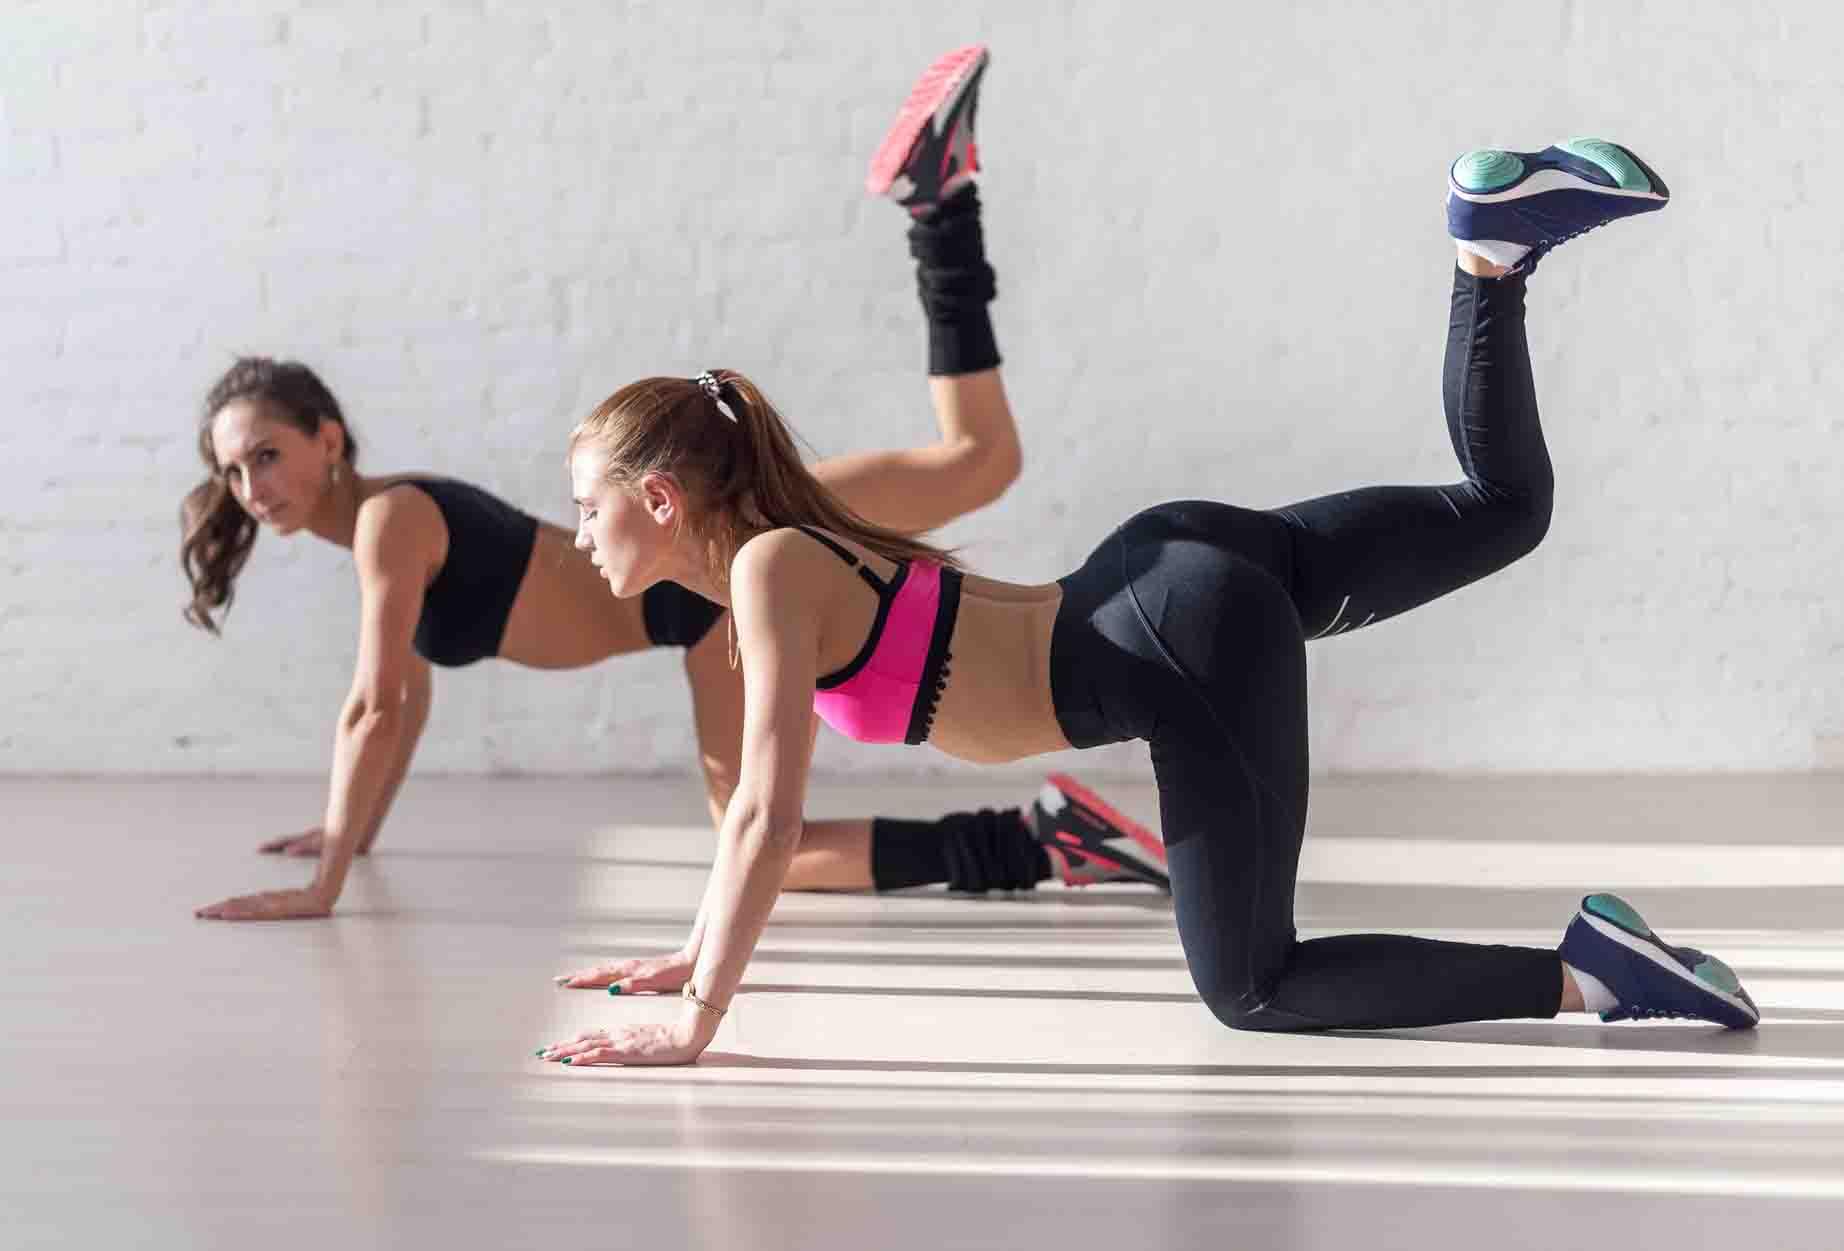 девушки выполняют упражнение